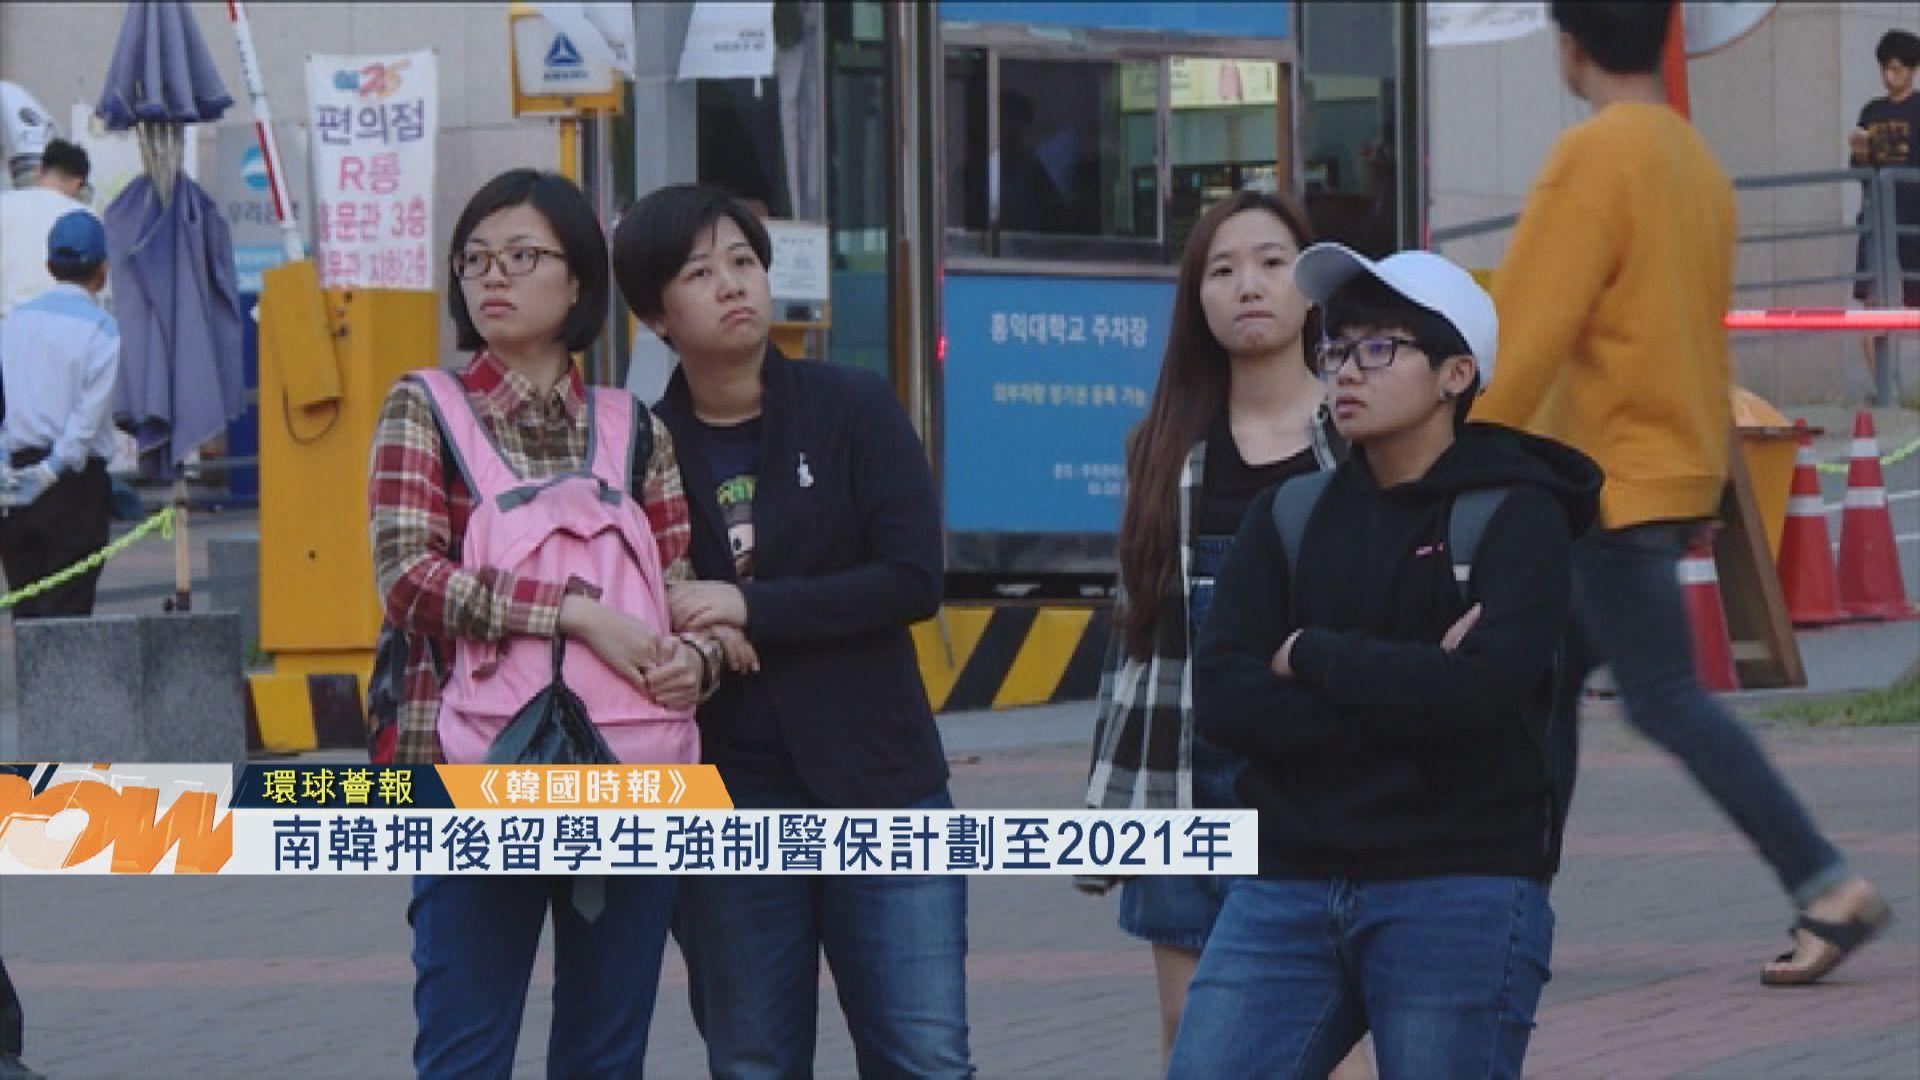 【環球薈報】南韓押後留學生強制醫保計劃至2021年